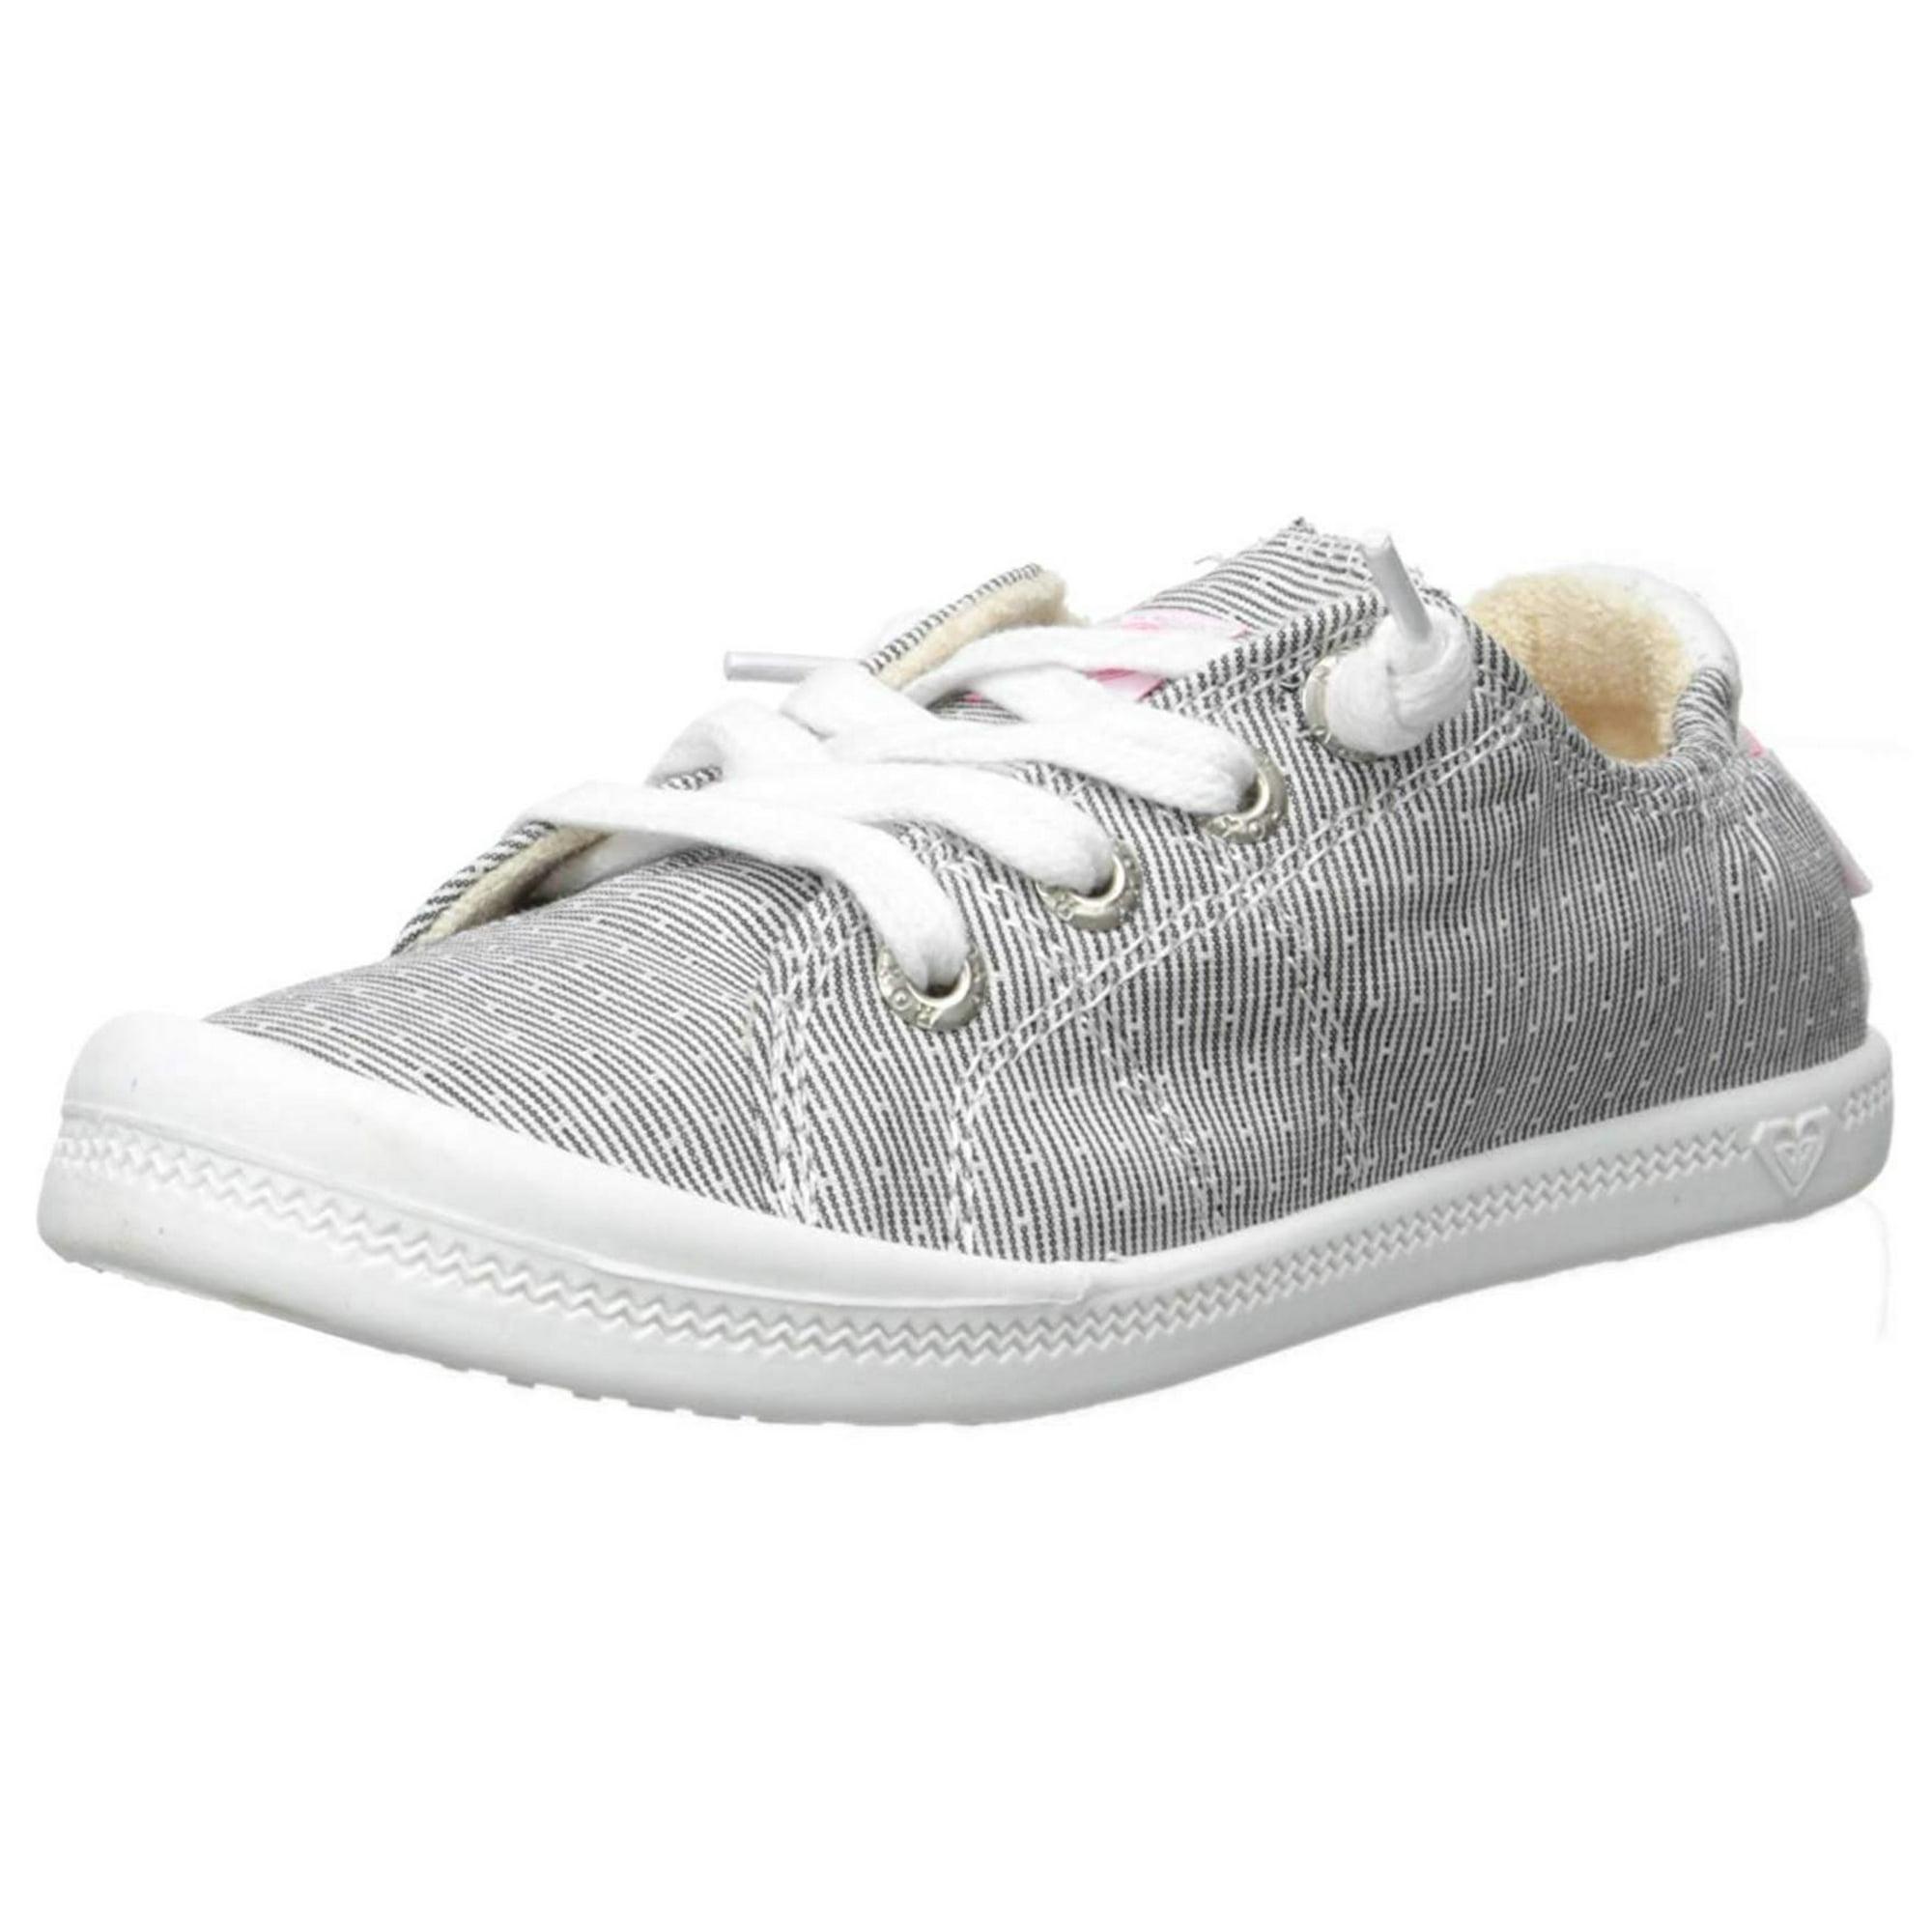 sneakers vs tennis shoes Earth Shoes Alder Women s Ballerina Flat Dark Slate 6 Wide eBay